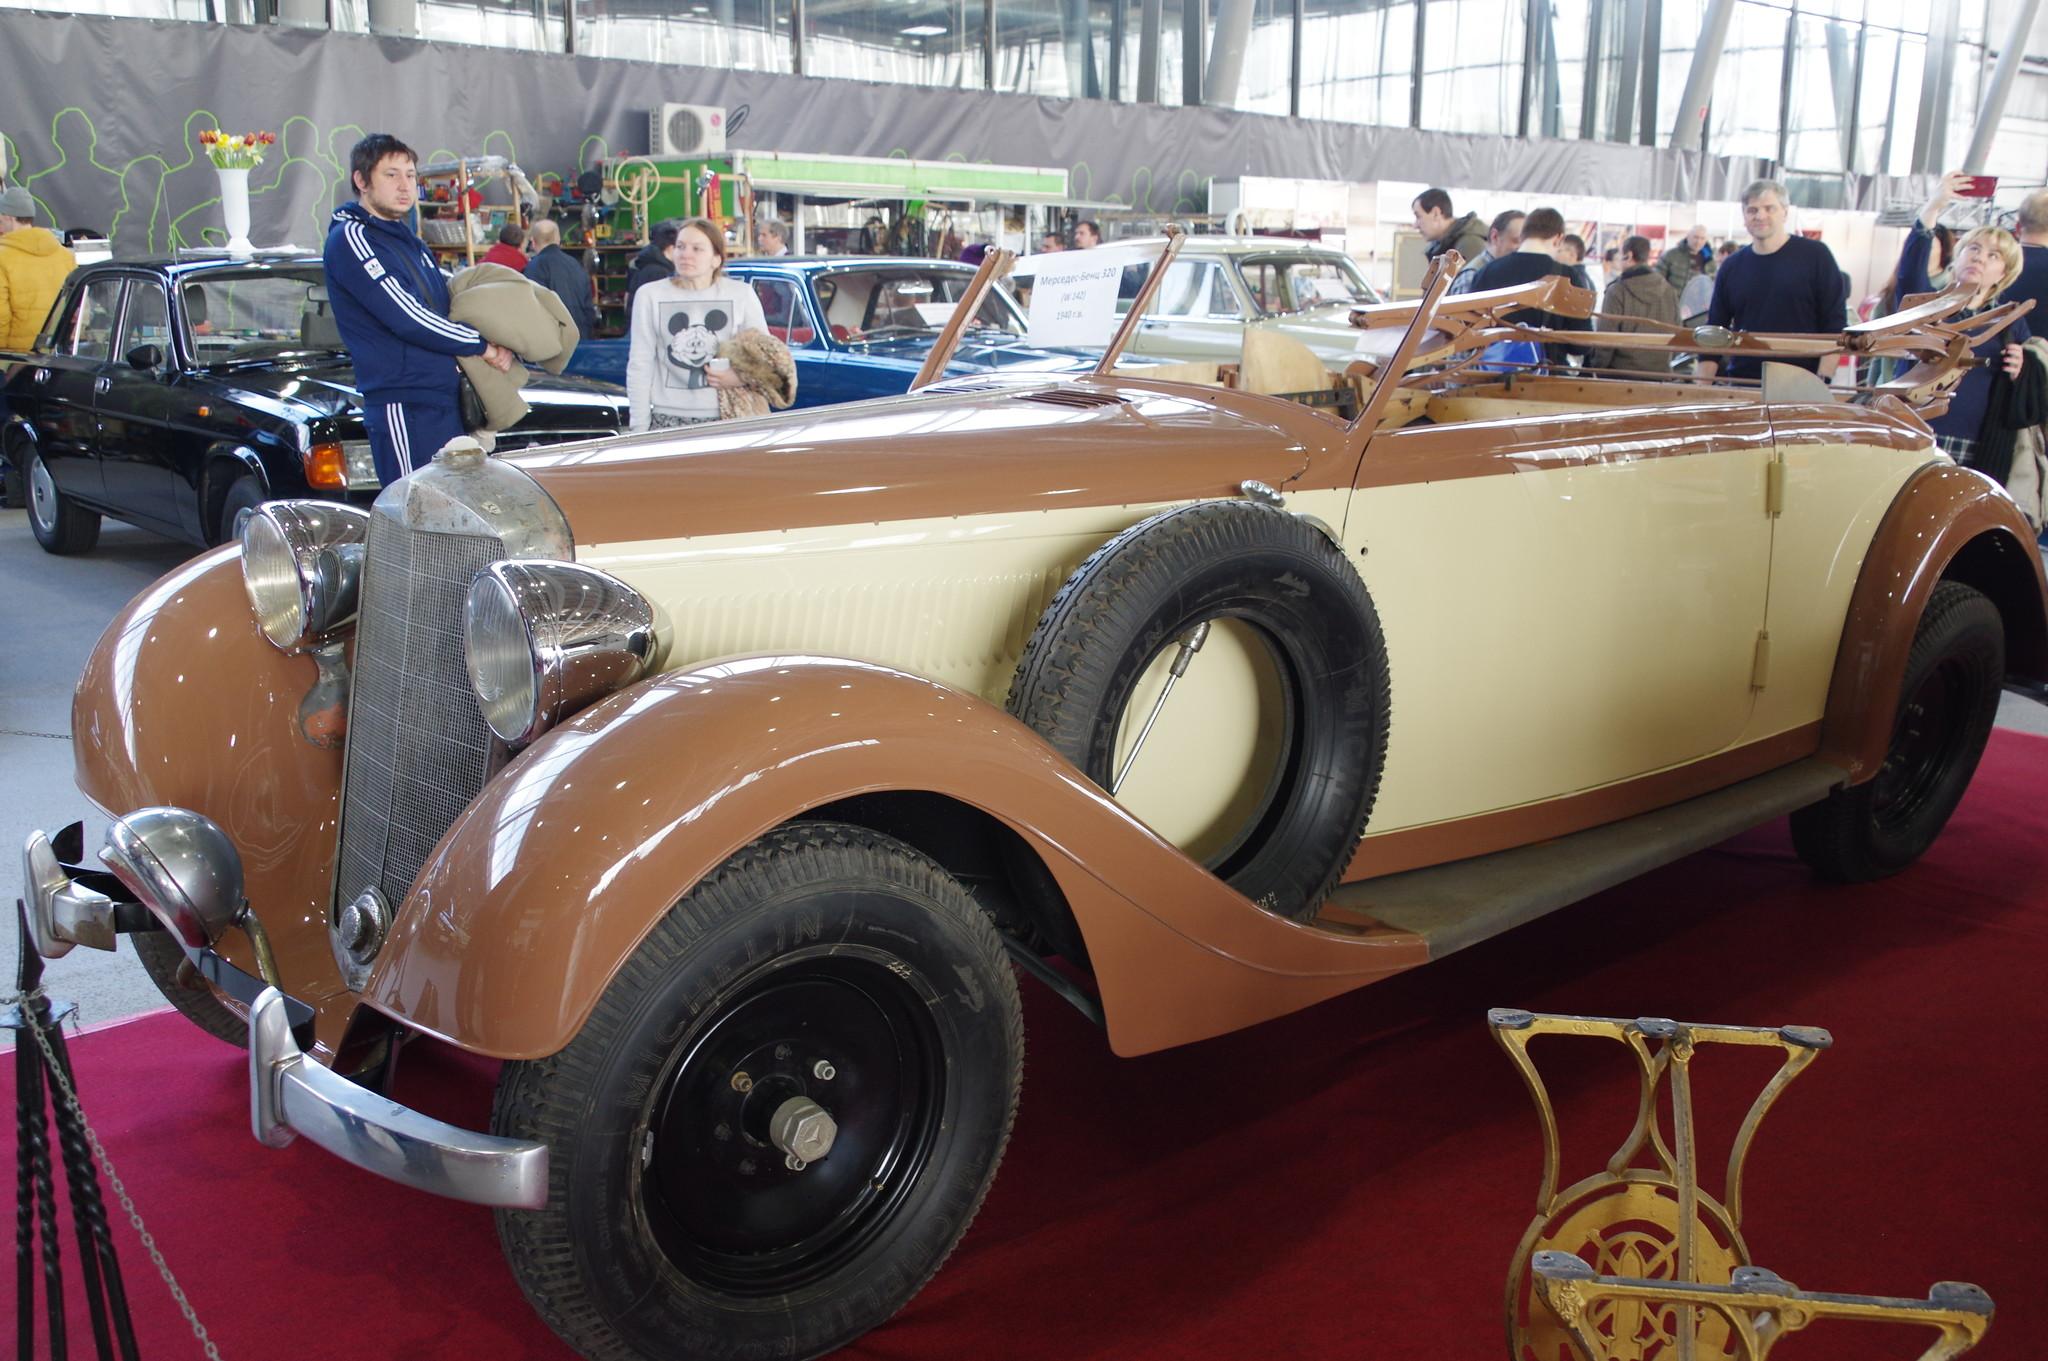 Автомобиль Mercedes-Benz 320 (заводское обозначение W 142) 1940 года выпуска